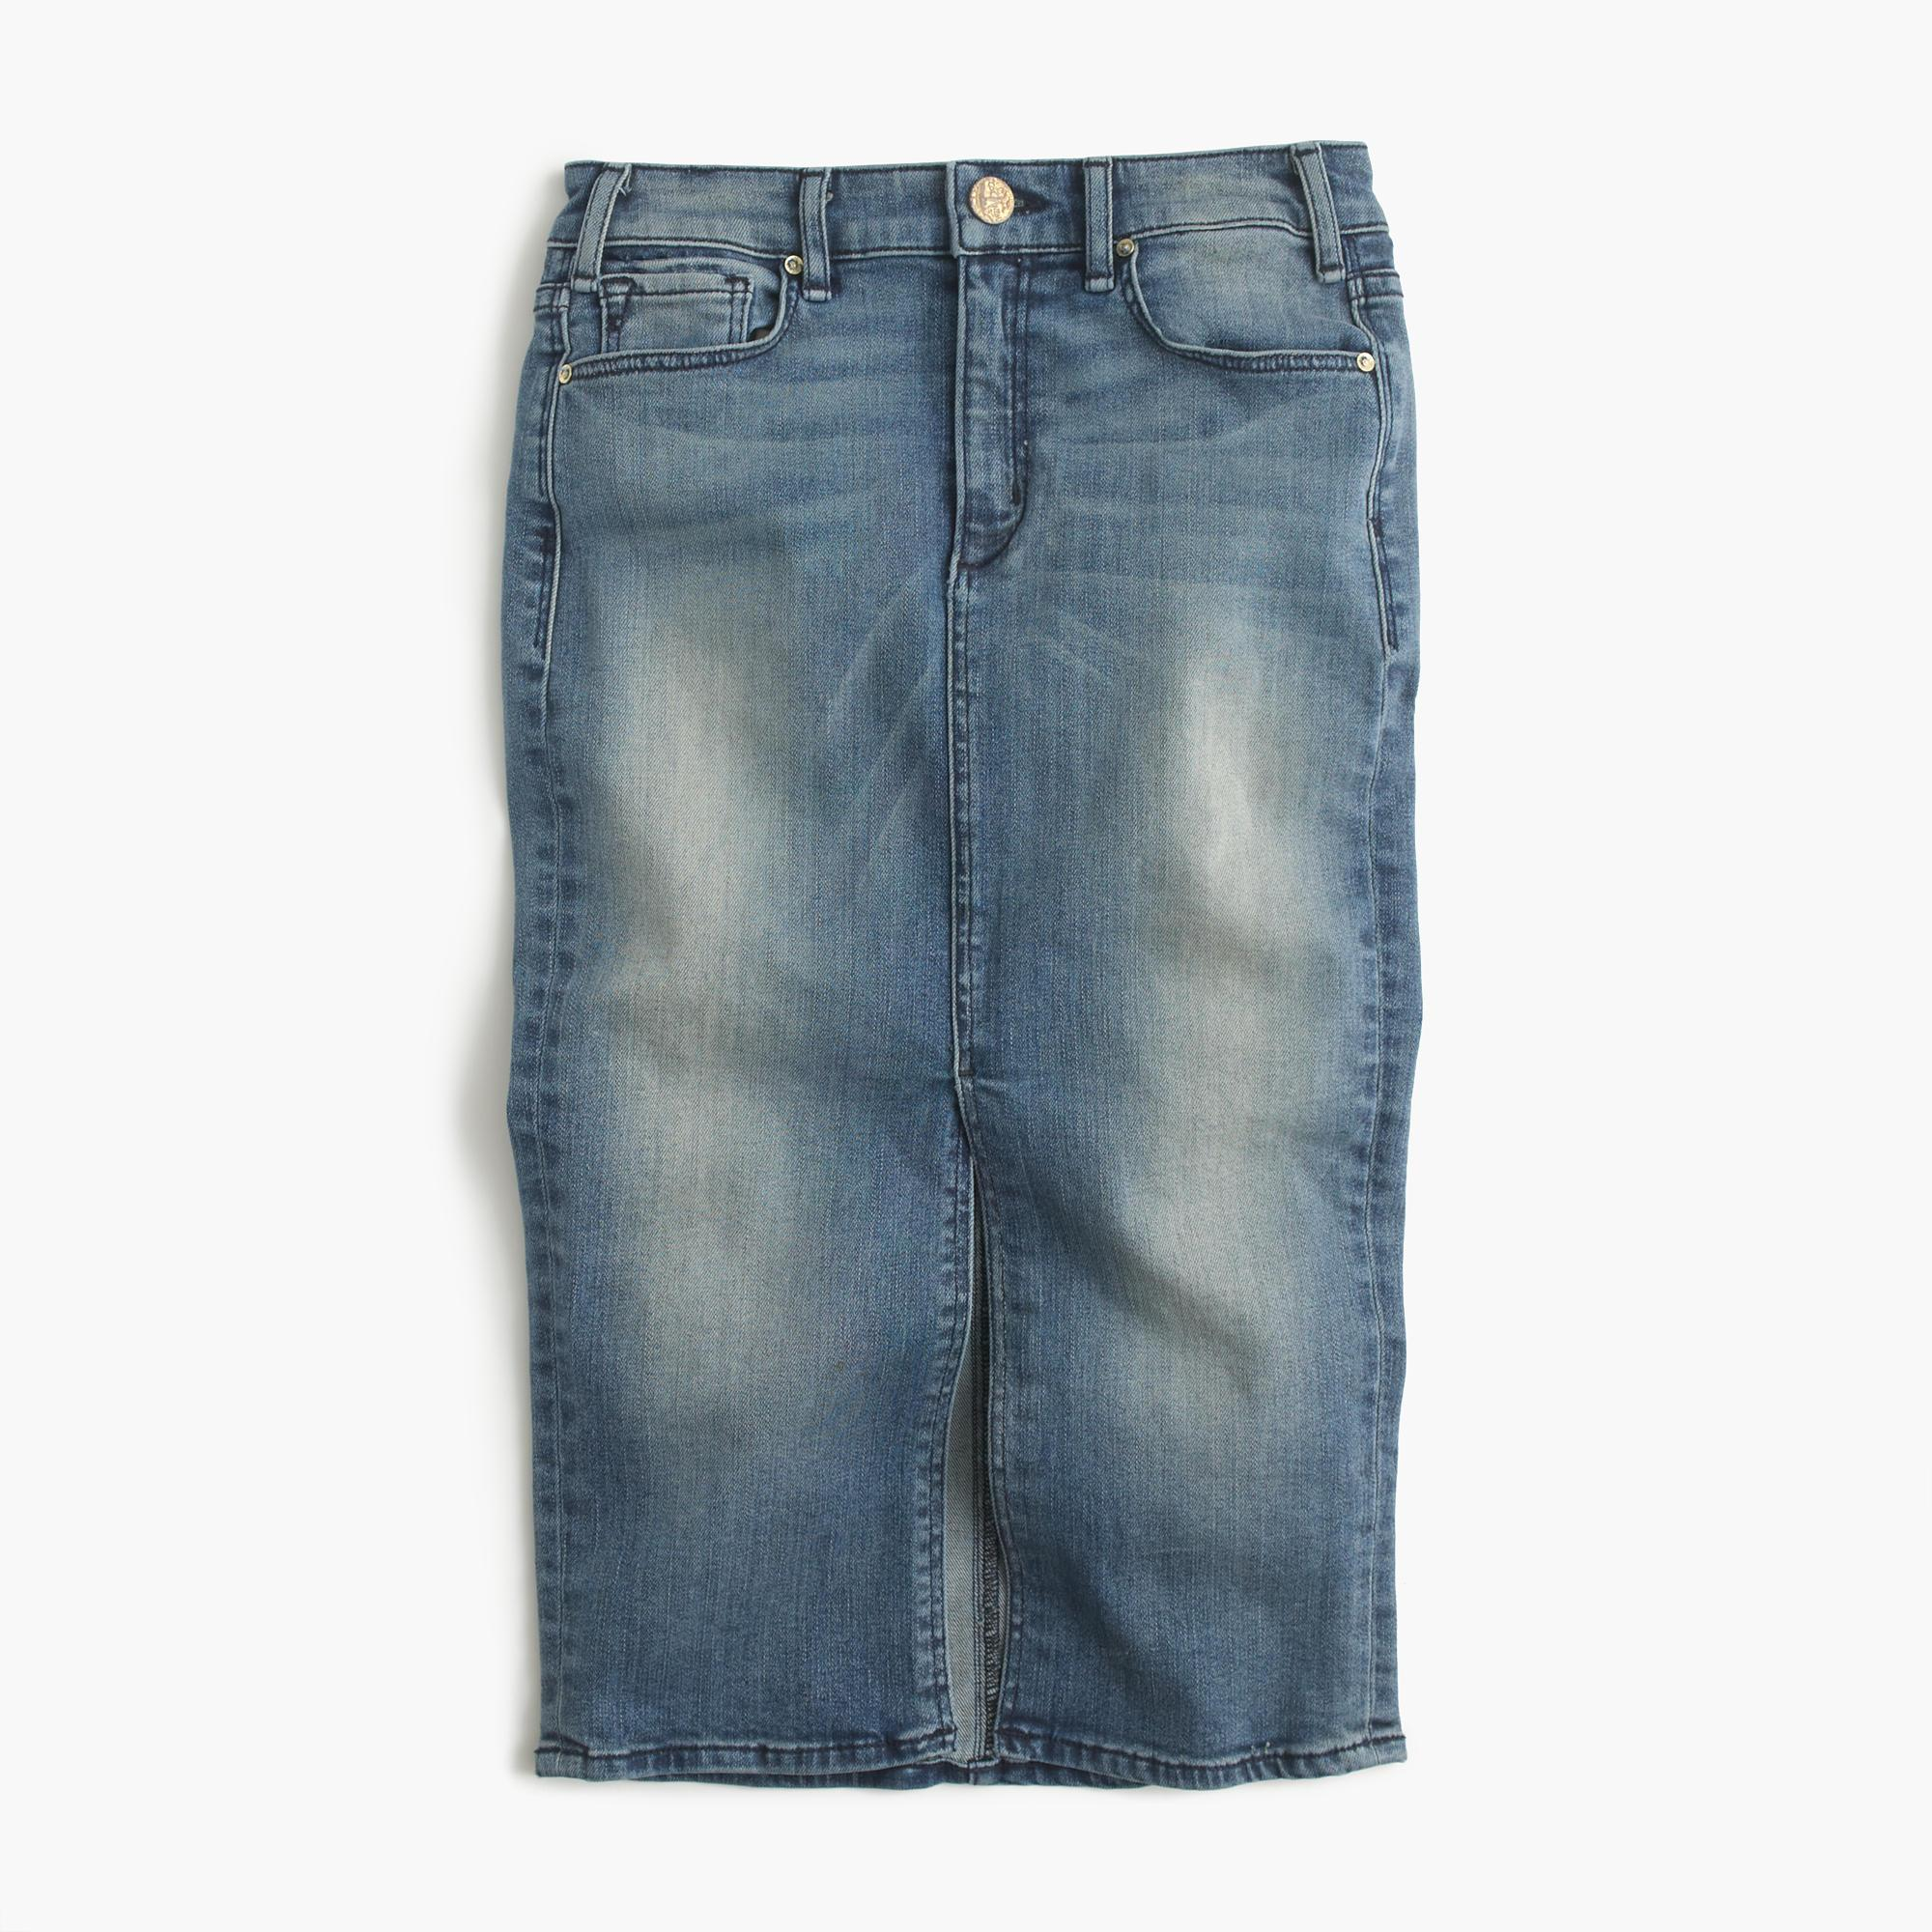 j crew mcguire marino denim skirt in royalist wash in blue